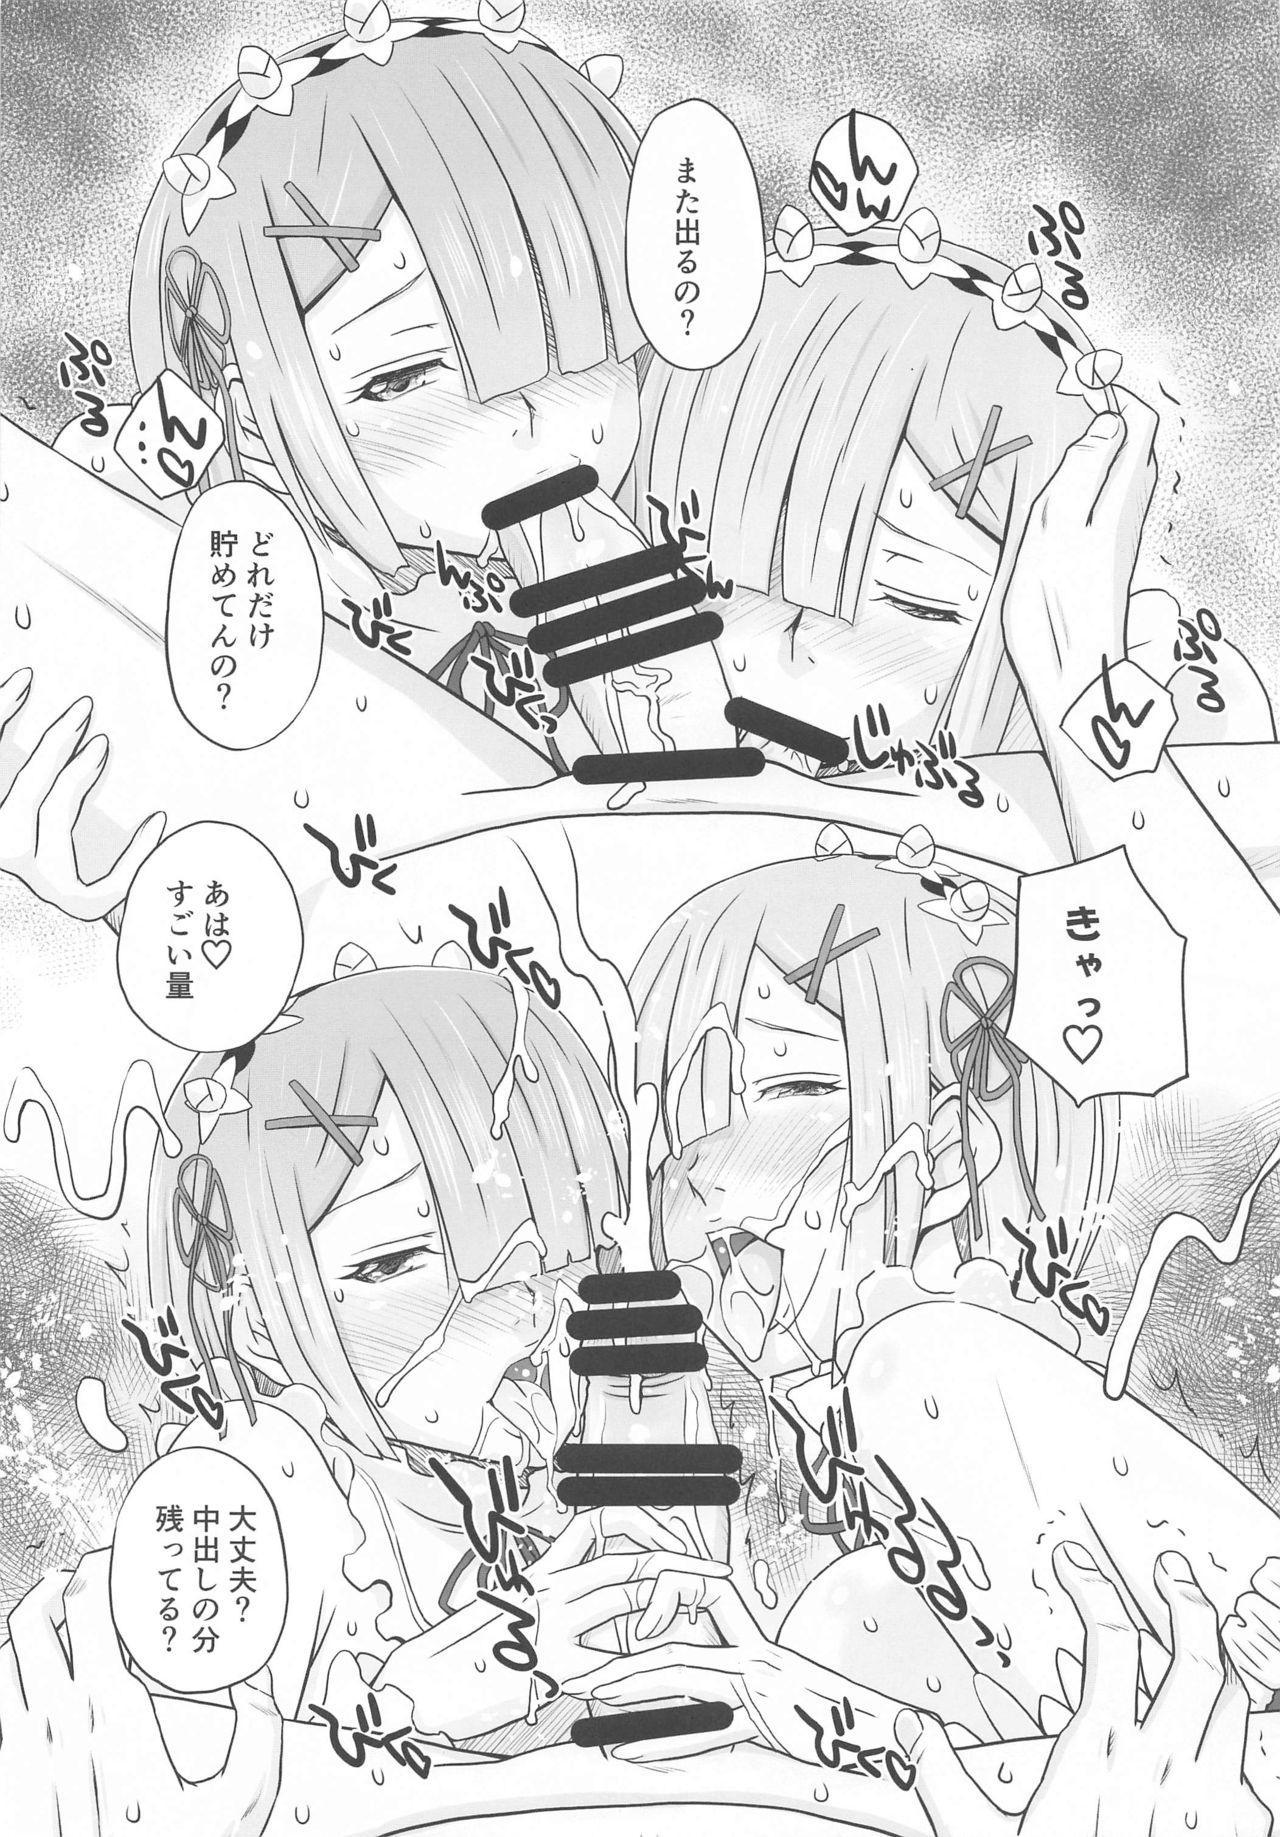 Futanari Futago Maid to 3P Dekiru Omise ga Sugokatta Ken 6